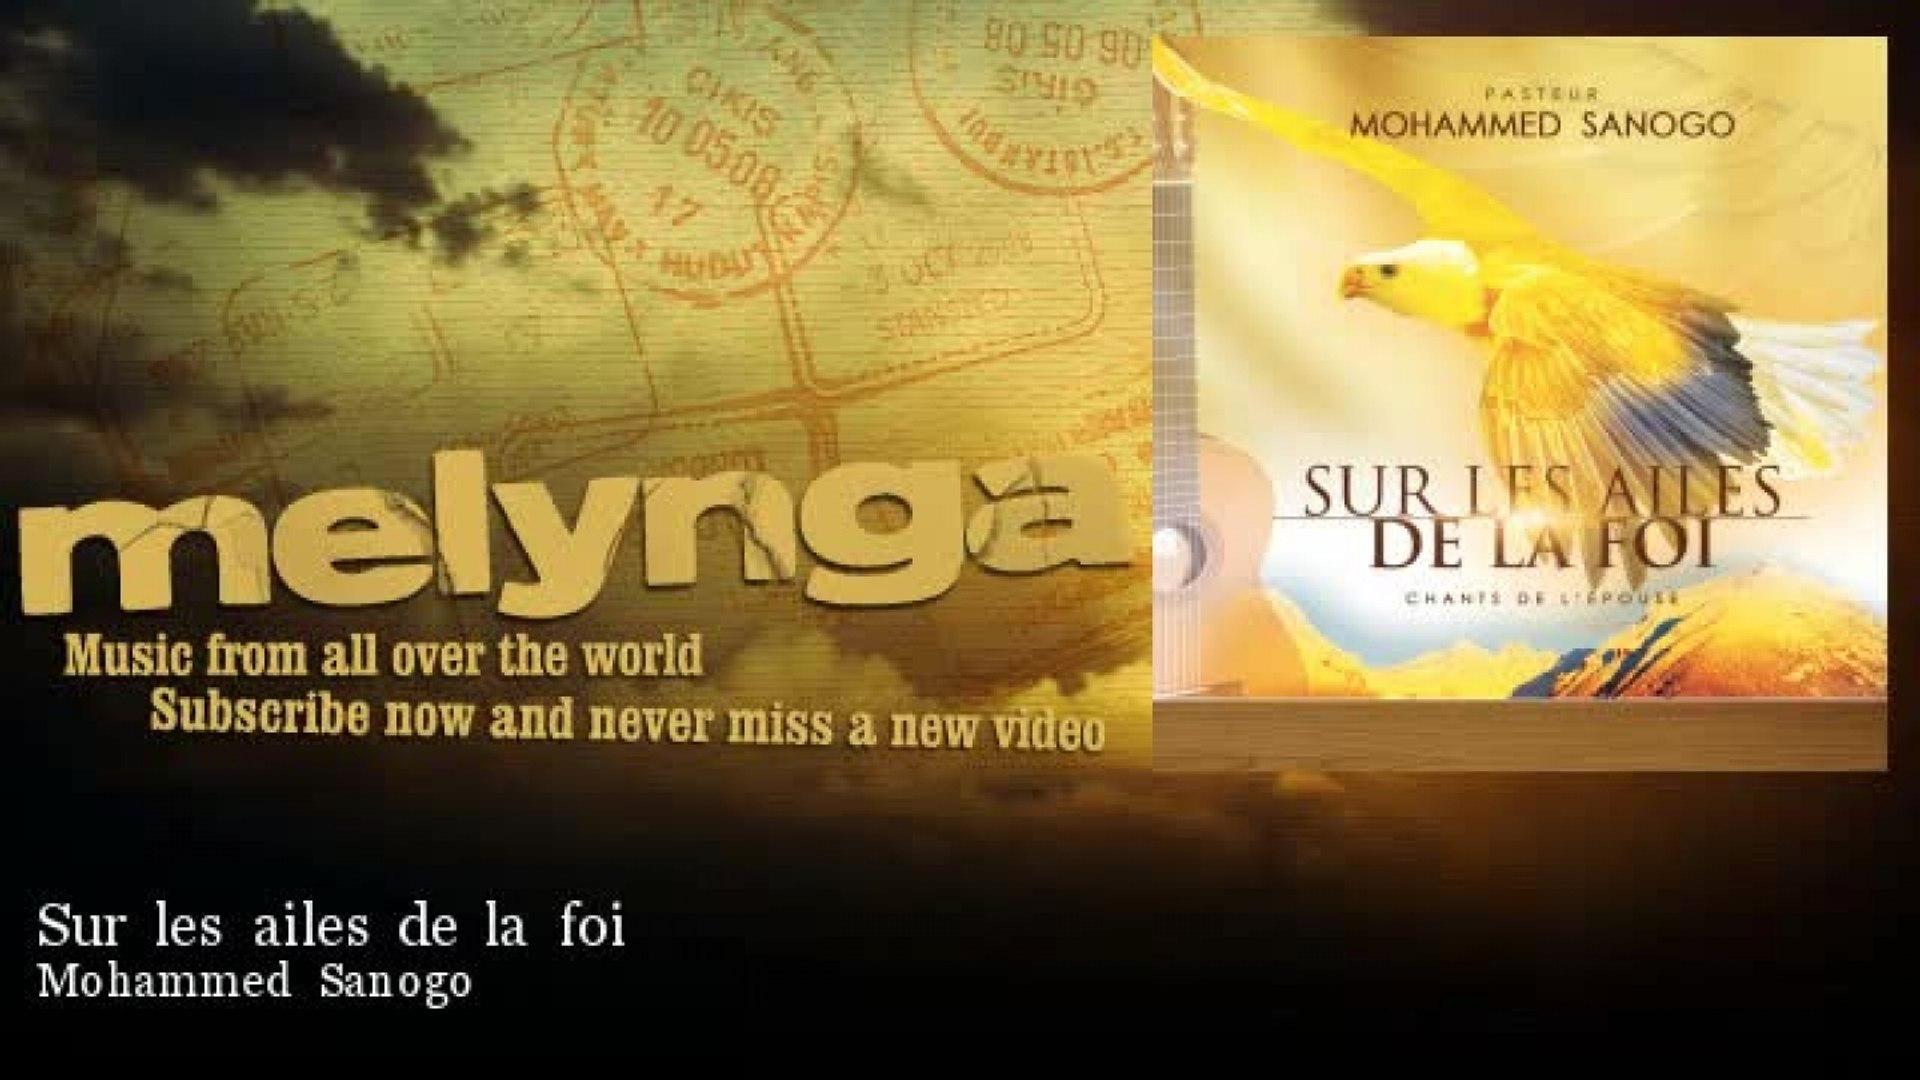 Mohammed Sanogo - Sur les ailes de la foi